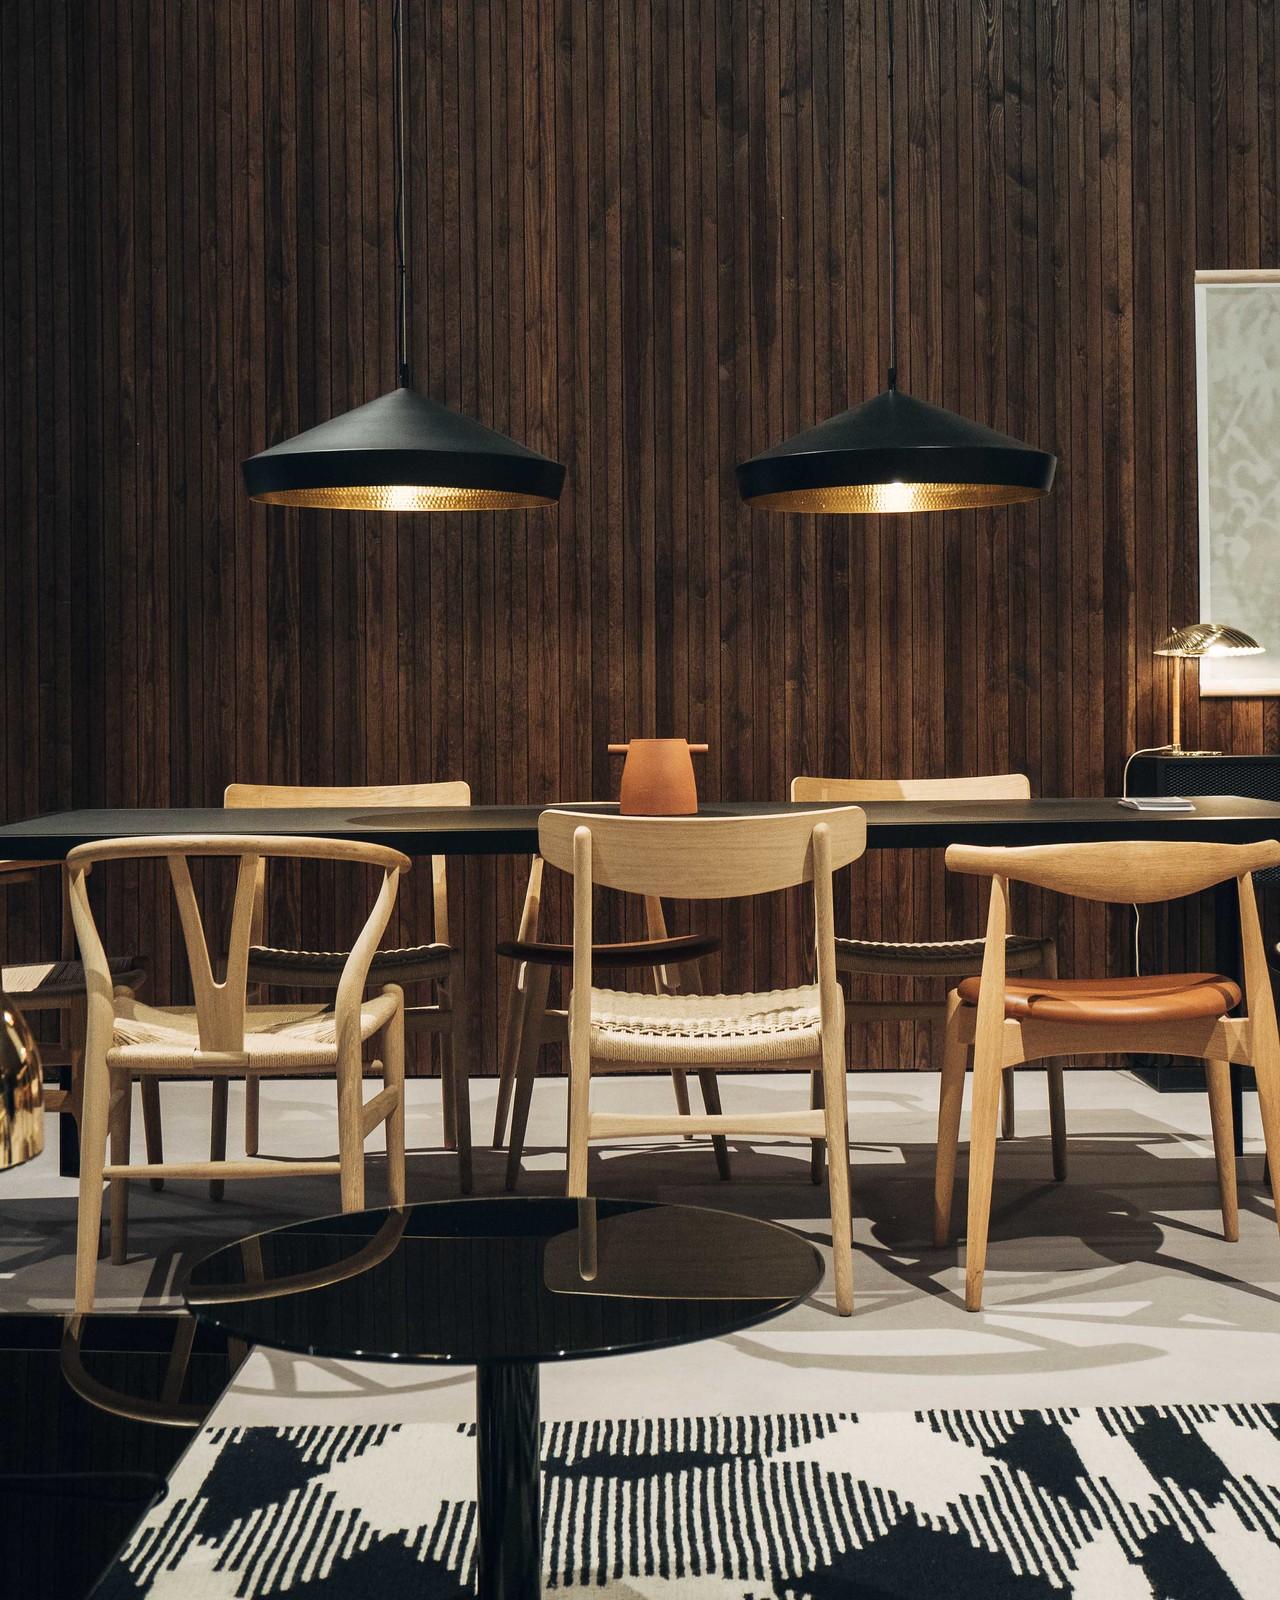 Ruokailuryhmä tummaa puuseinää vasten. Ruokapöydän yläpuolella roikkuu kaksi mustaa valaisinta.